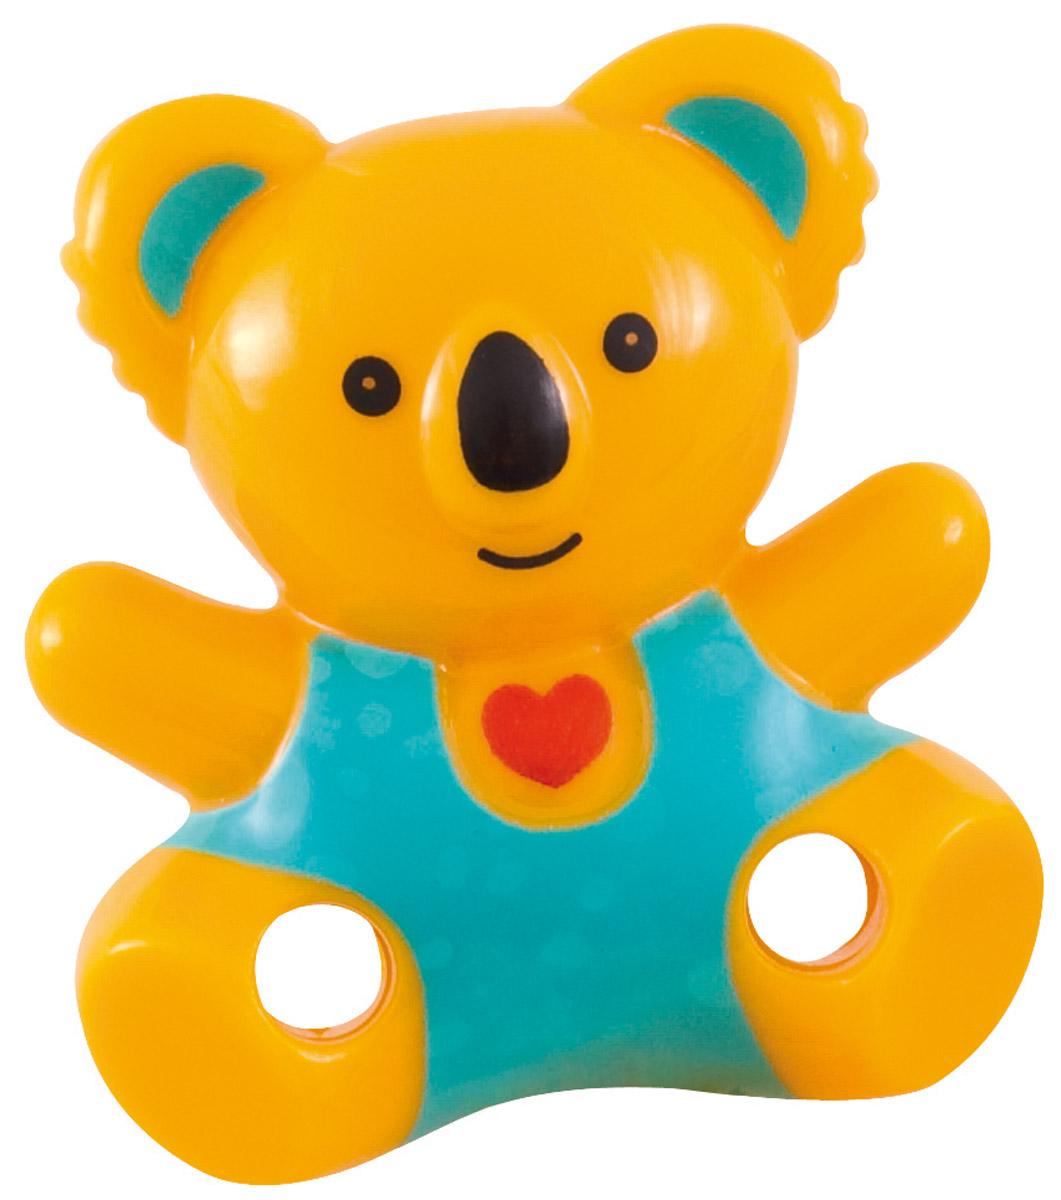 Canpol Babies Клипса-держатель для пустышки Медвежонок с сердечком цвет желтый -  Все для детского кормления